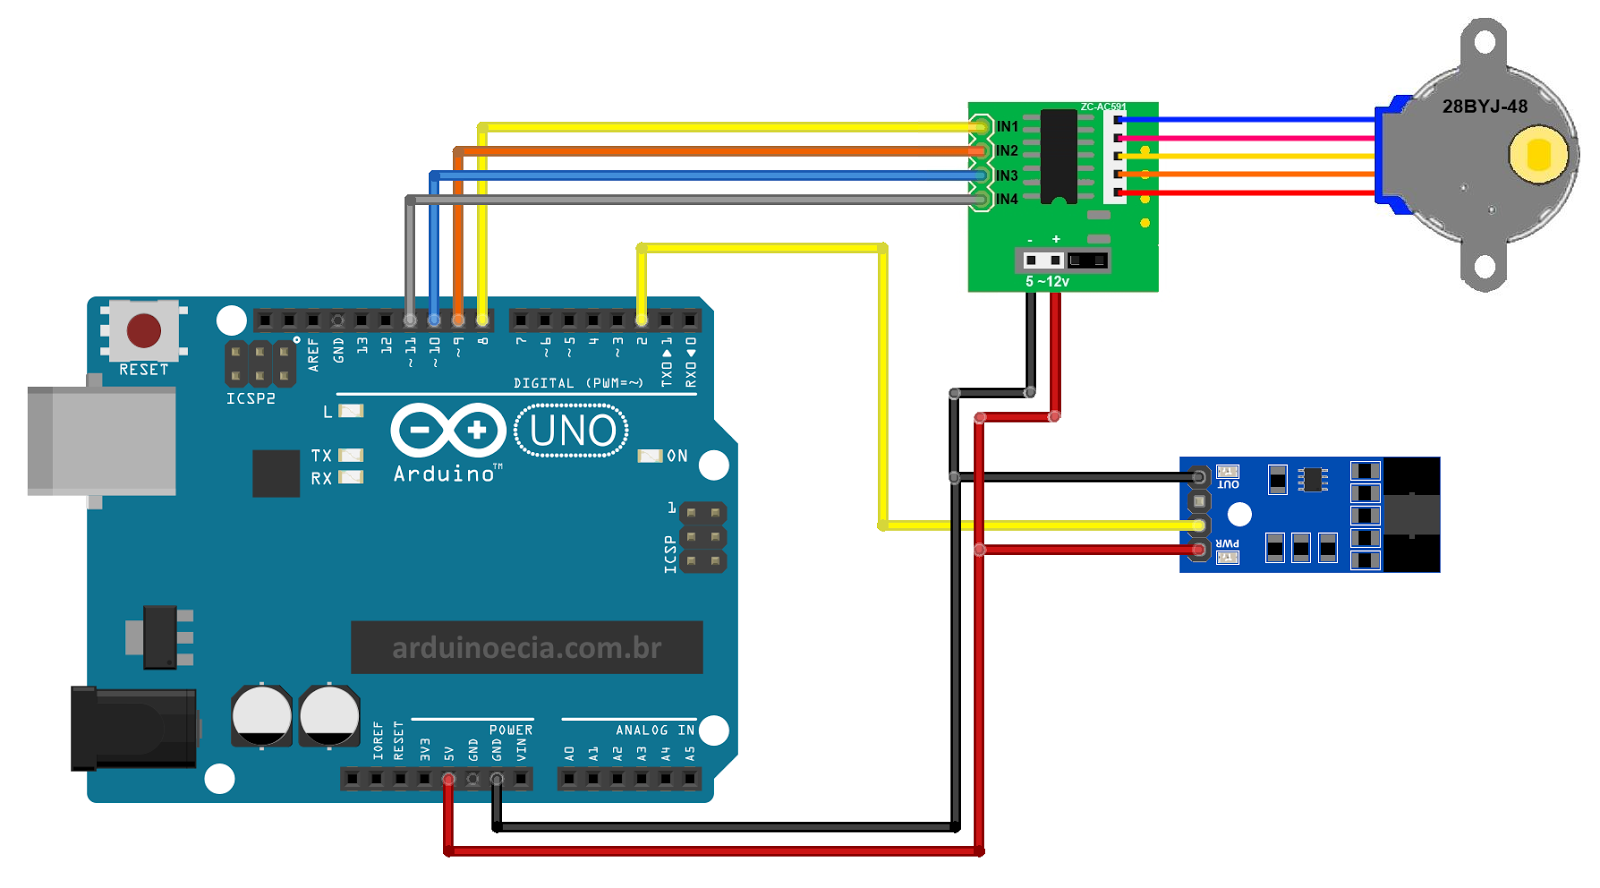 Como Medir A Rotao De Um Motor Com O Sensor Velocidade Lm393 Pi Cnc Projects Buy Alamode Controller Calculator Raspberry Arduino Passo 28byj 48 E